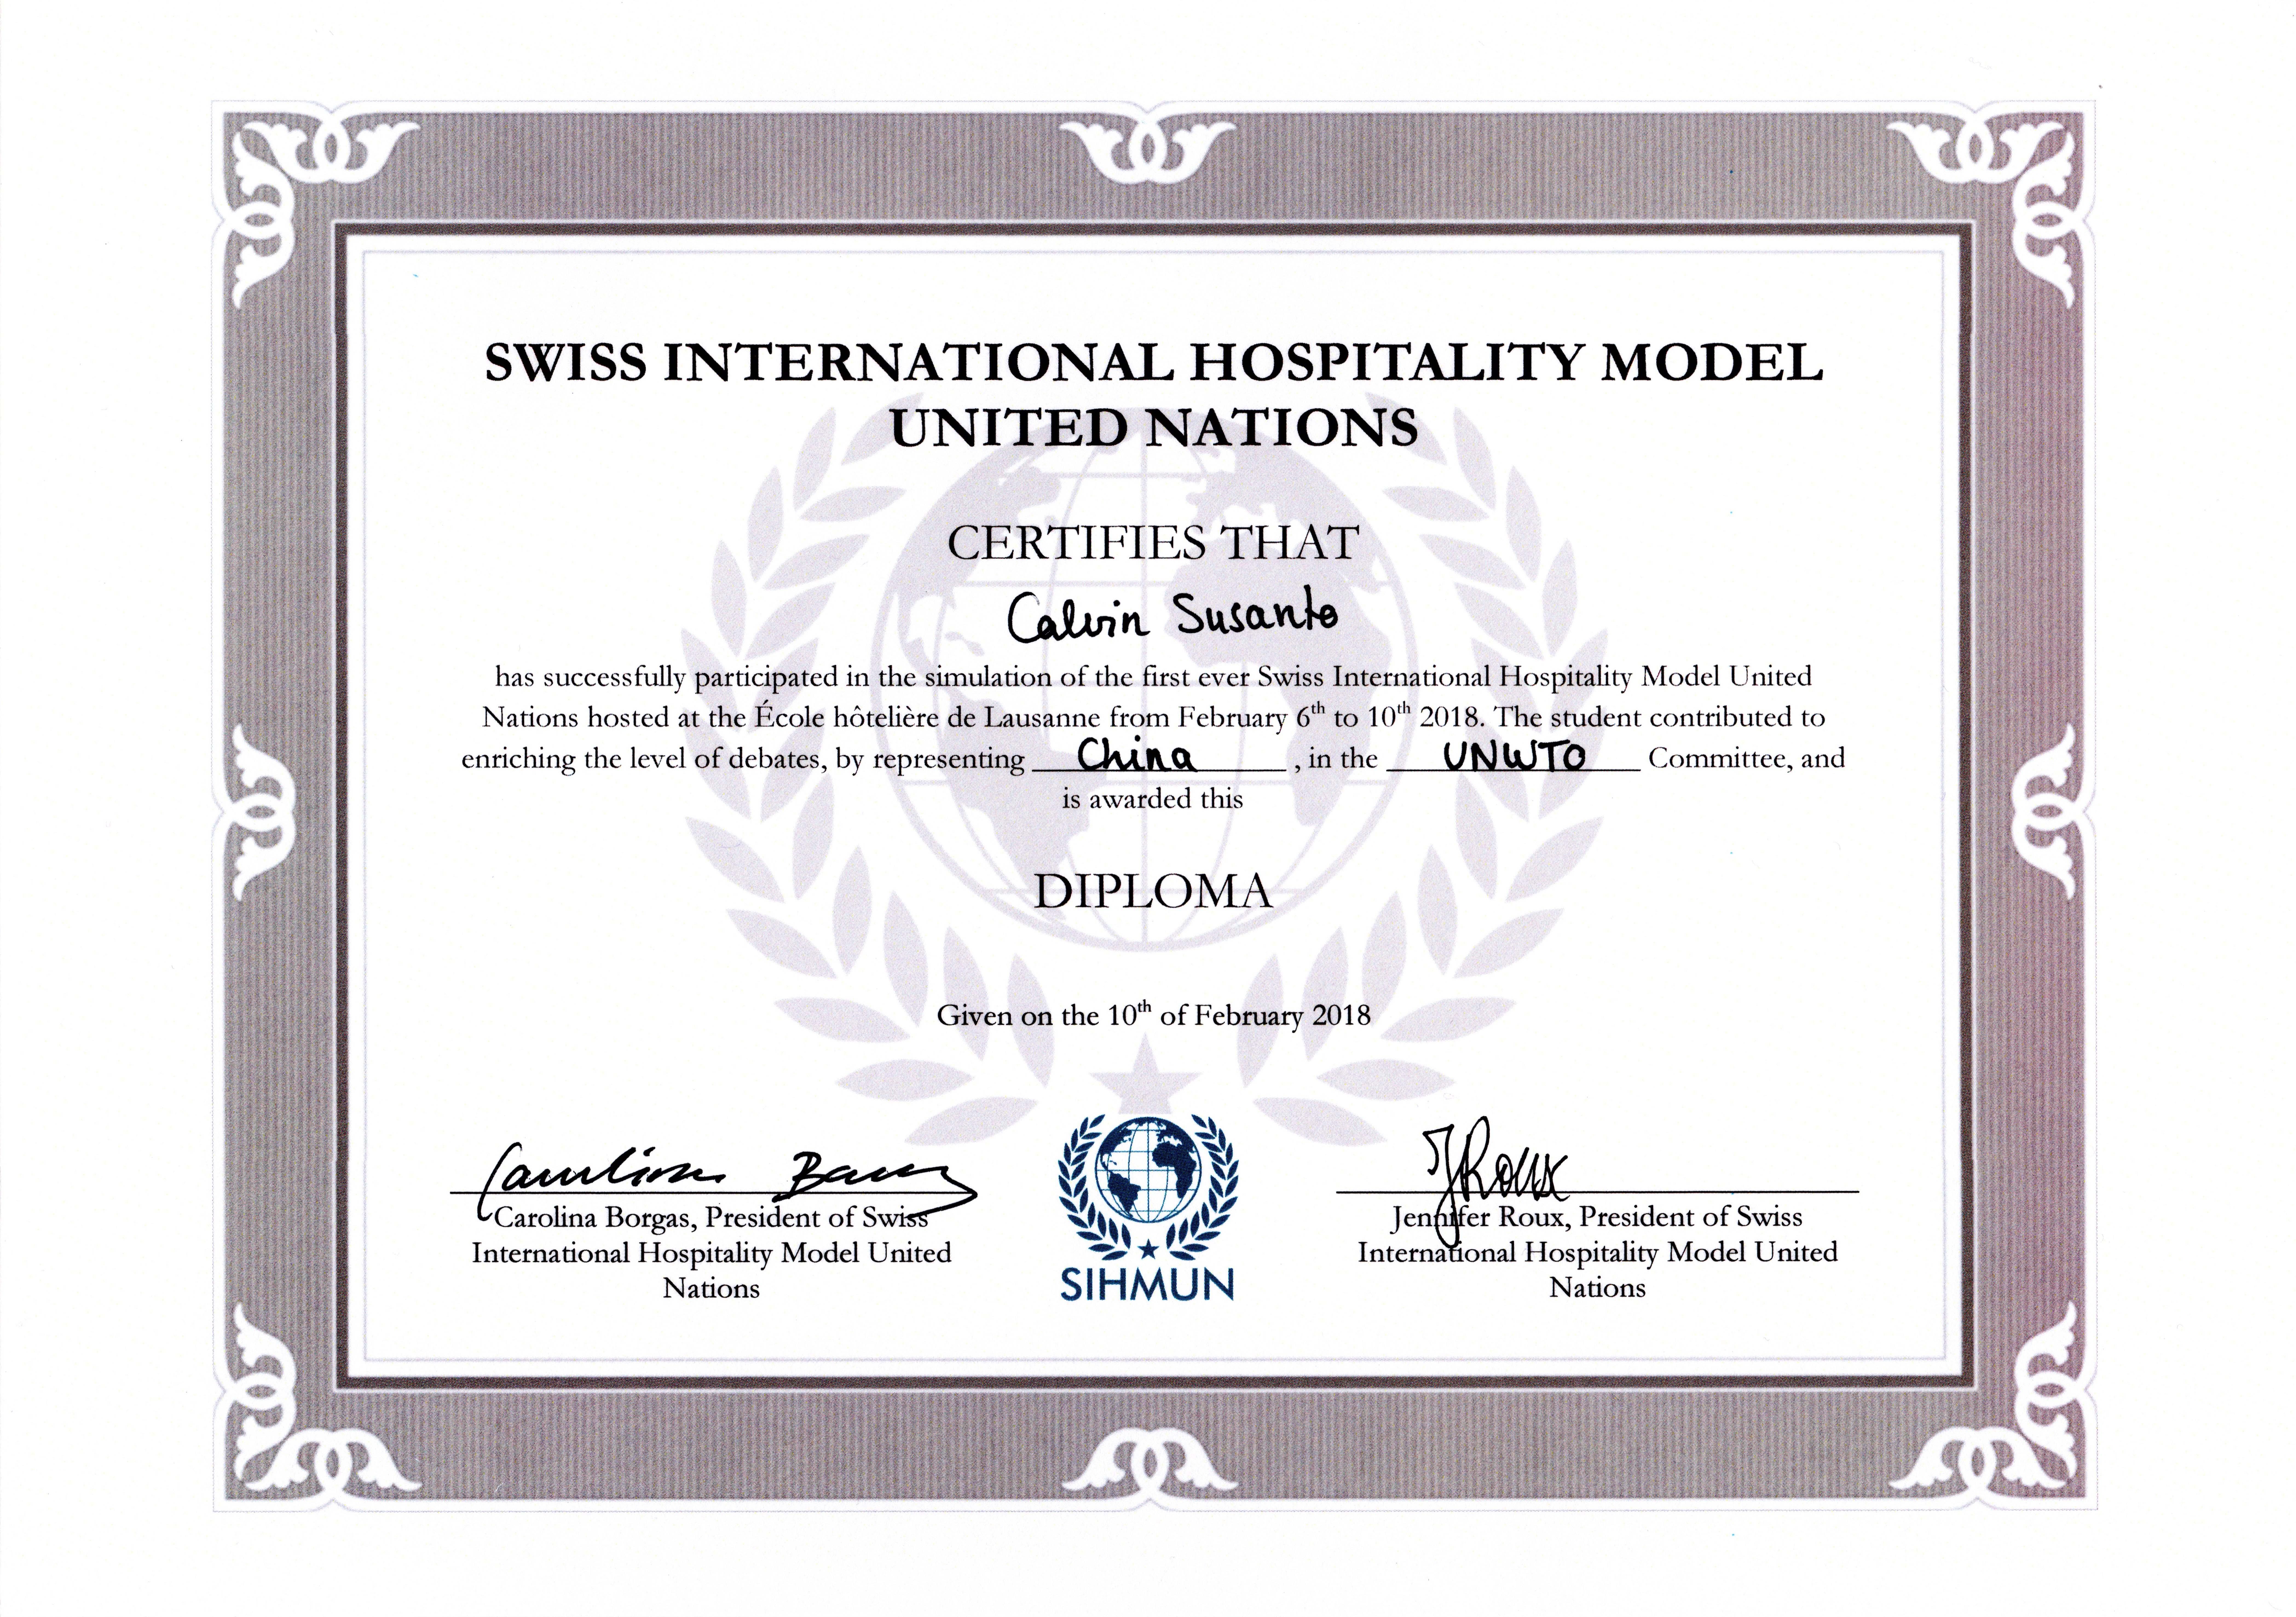 SIHMUN Certificate-min.jpg